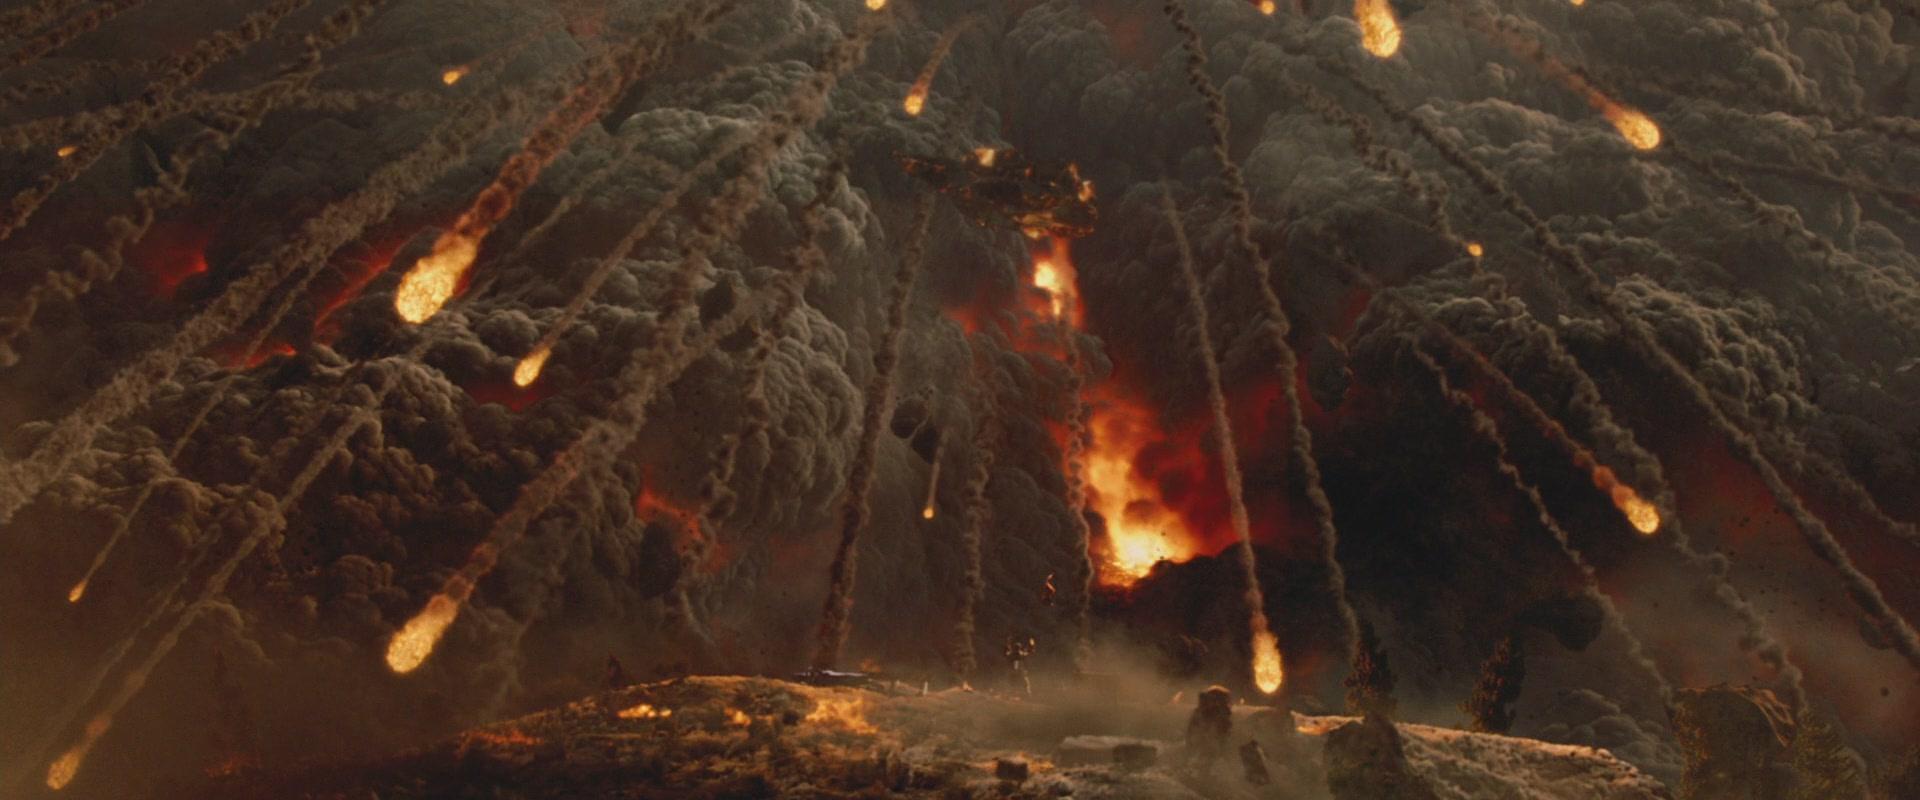 фильмы онлайн про катастрофы вулкан